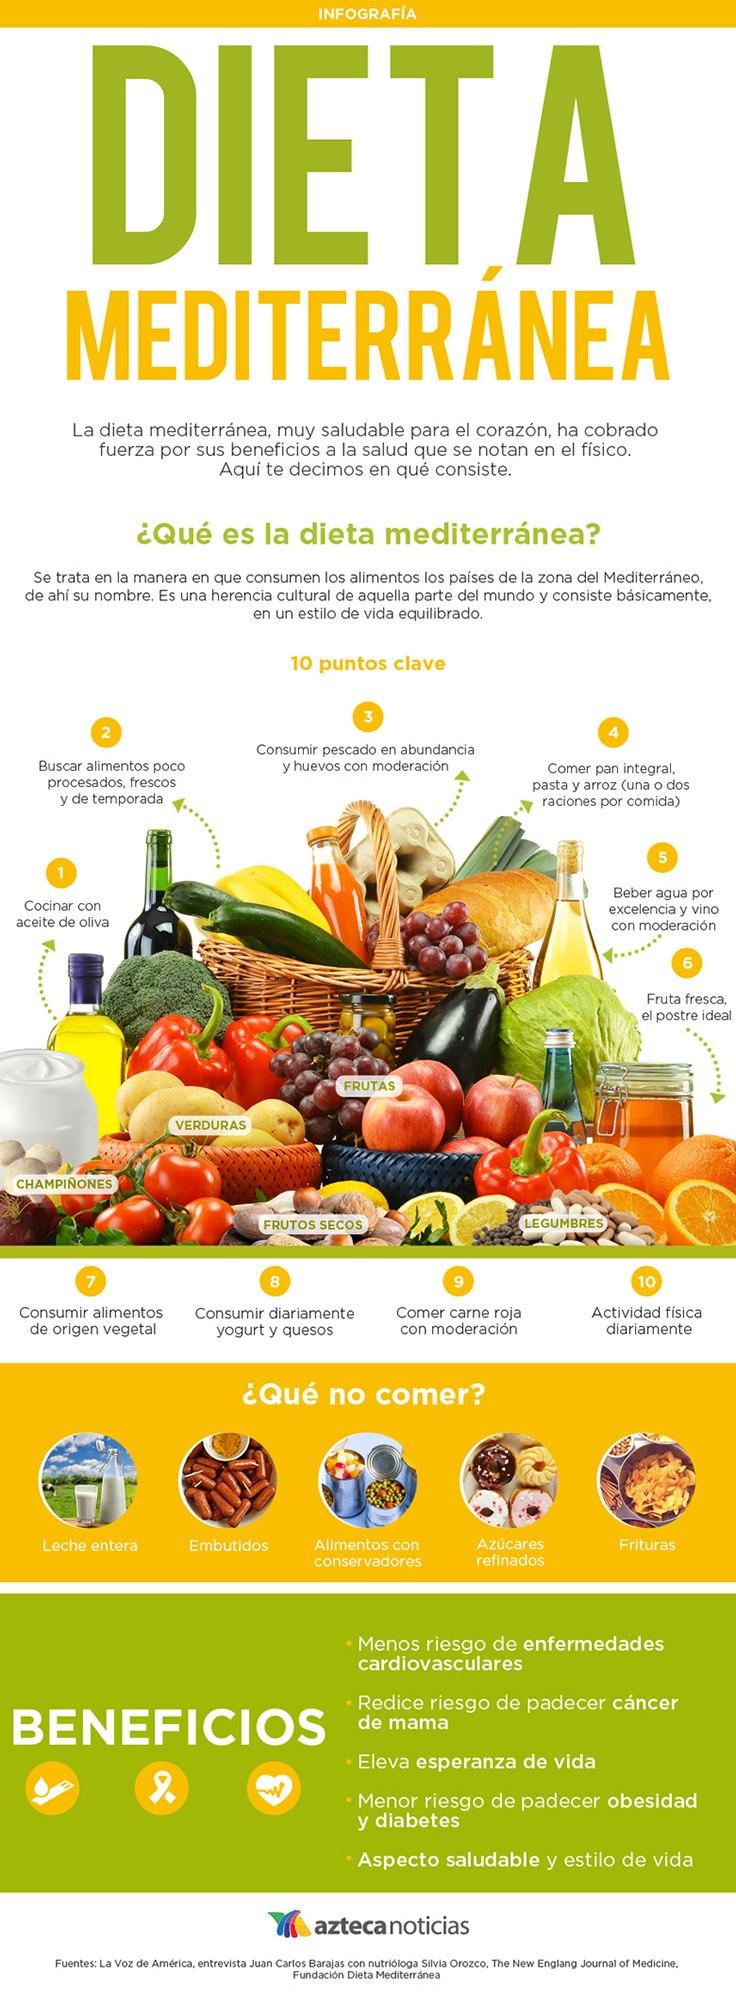 En qu consiste la dieta mediterr nea - La mediterranea ...